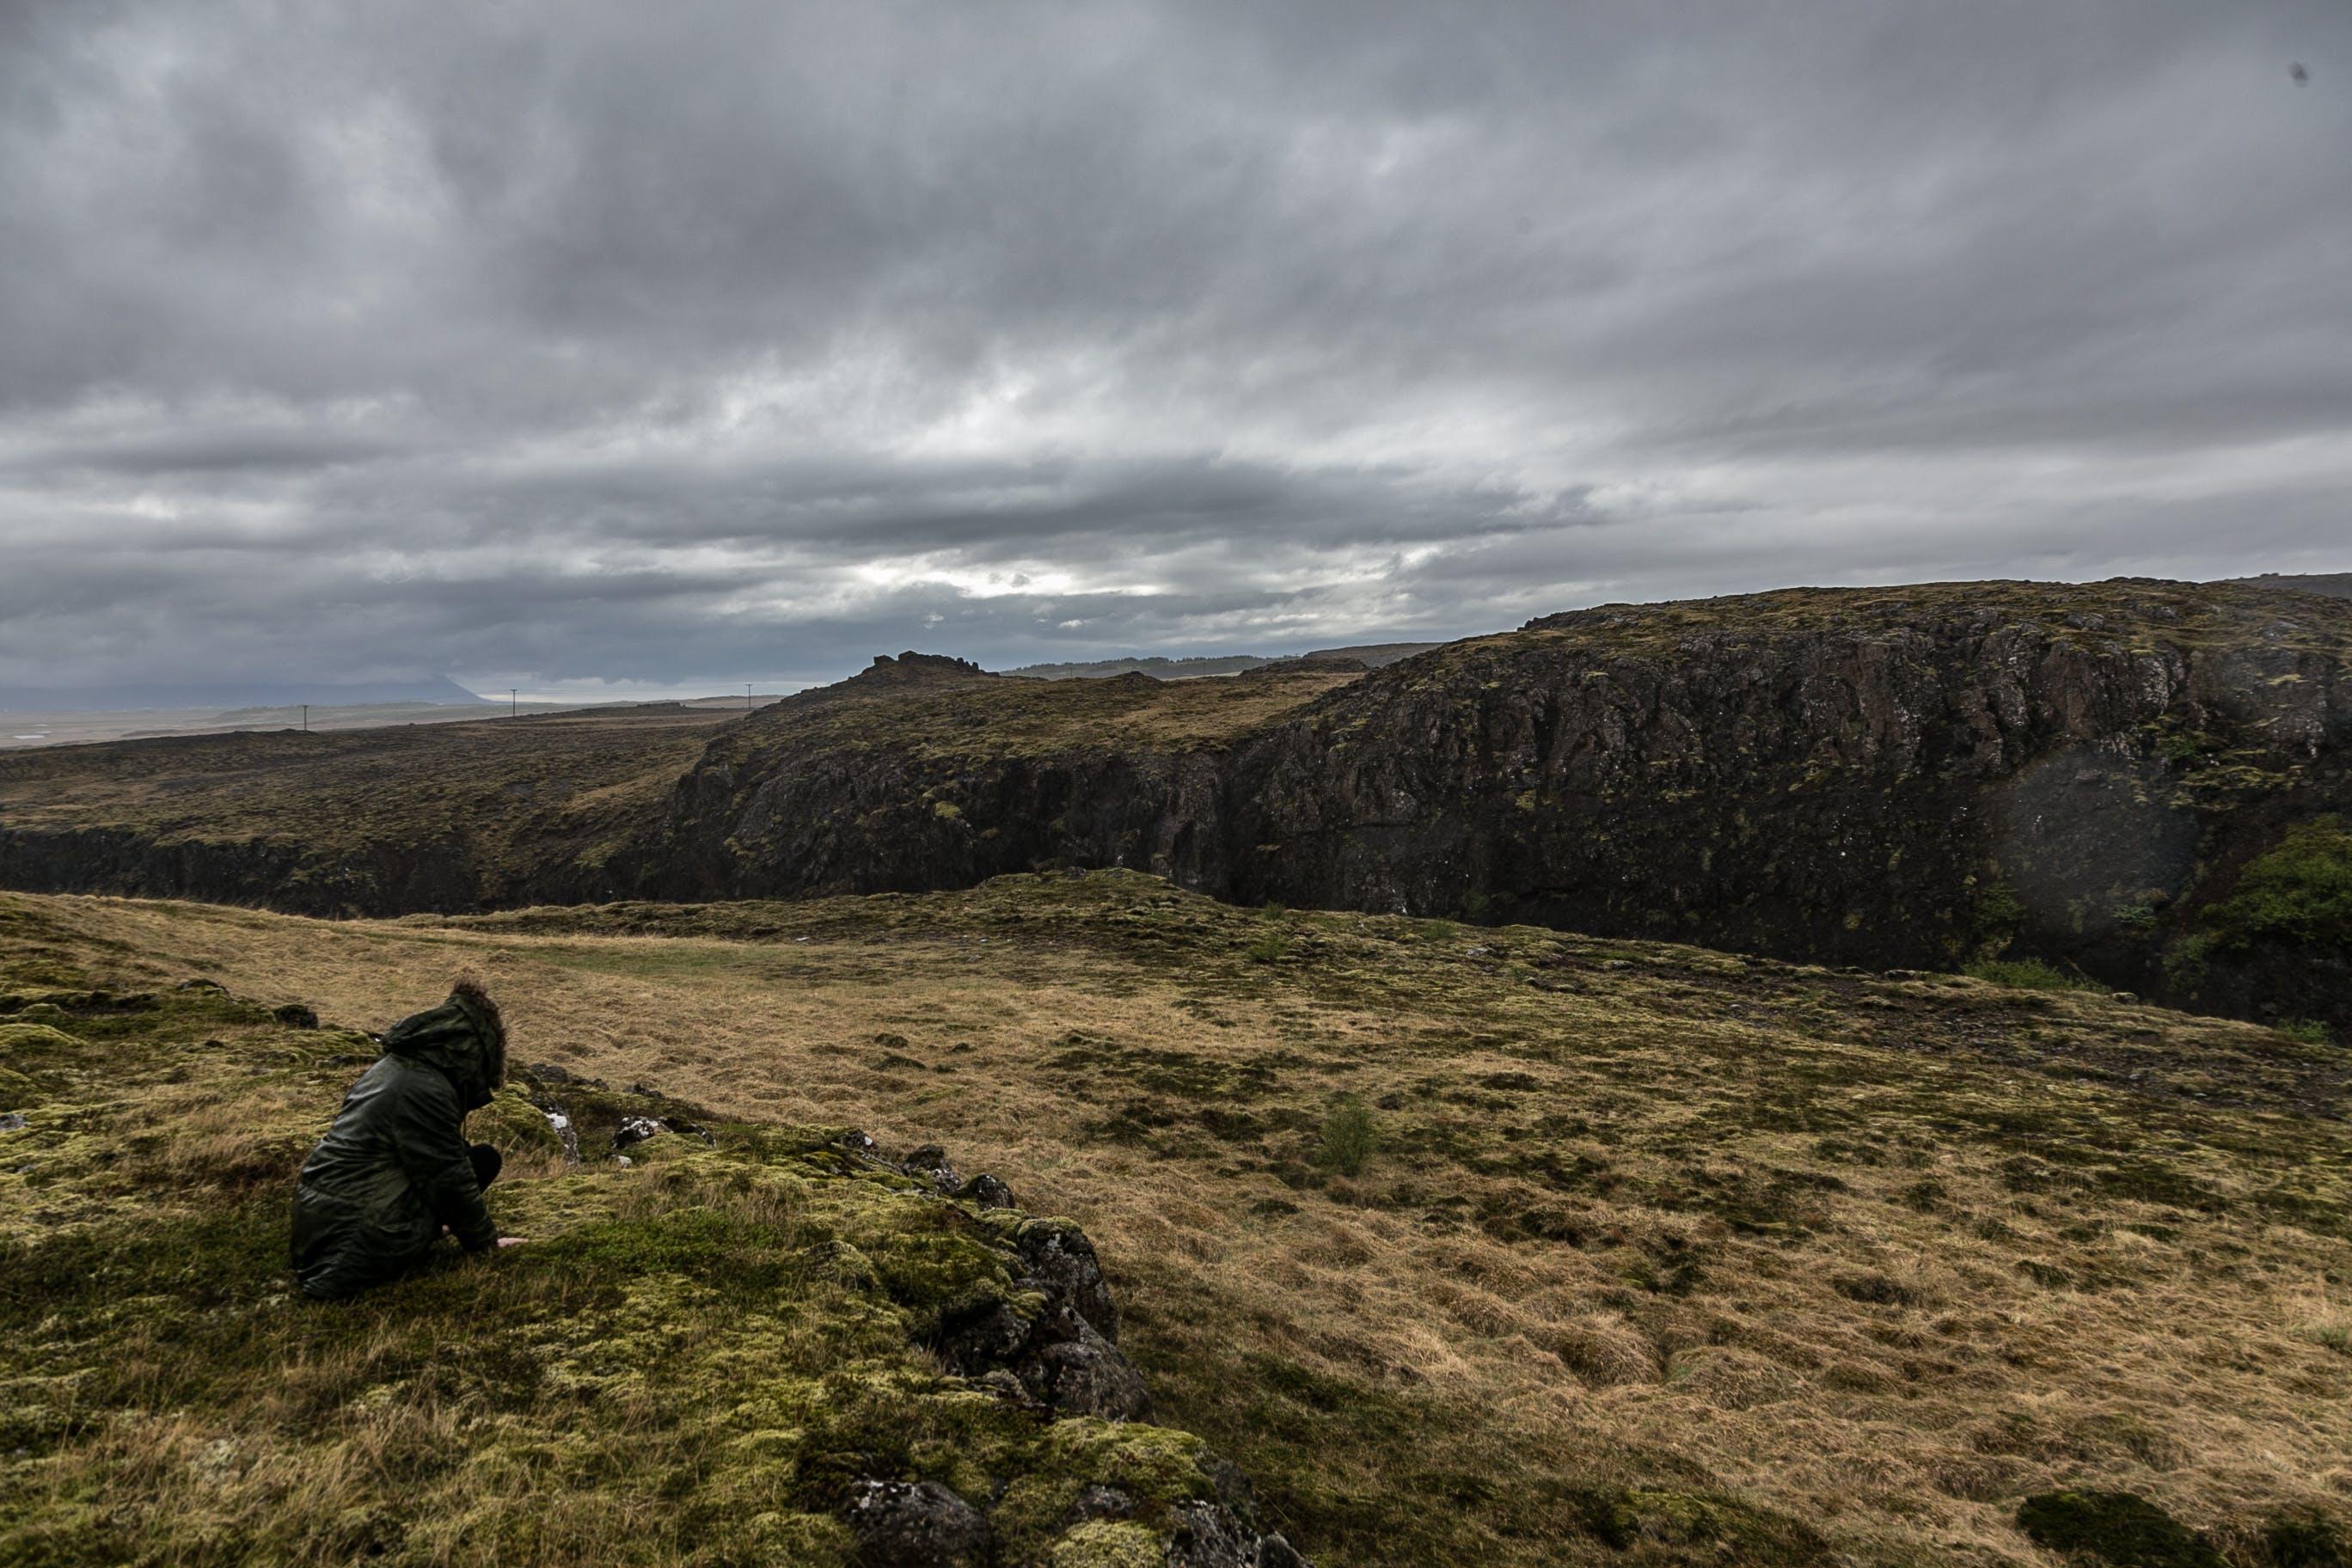 Kostenloses Stock Foto zu abenteuer, berg, draußen, erforschen